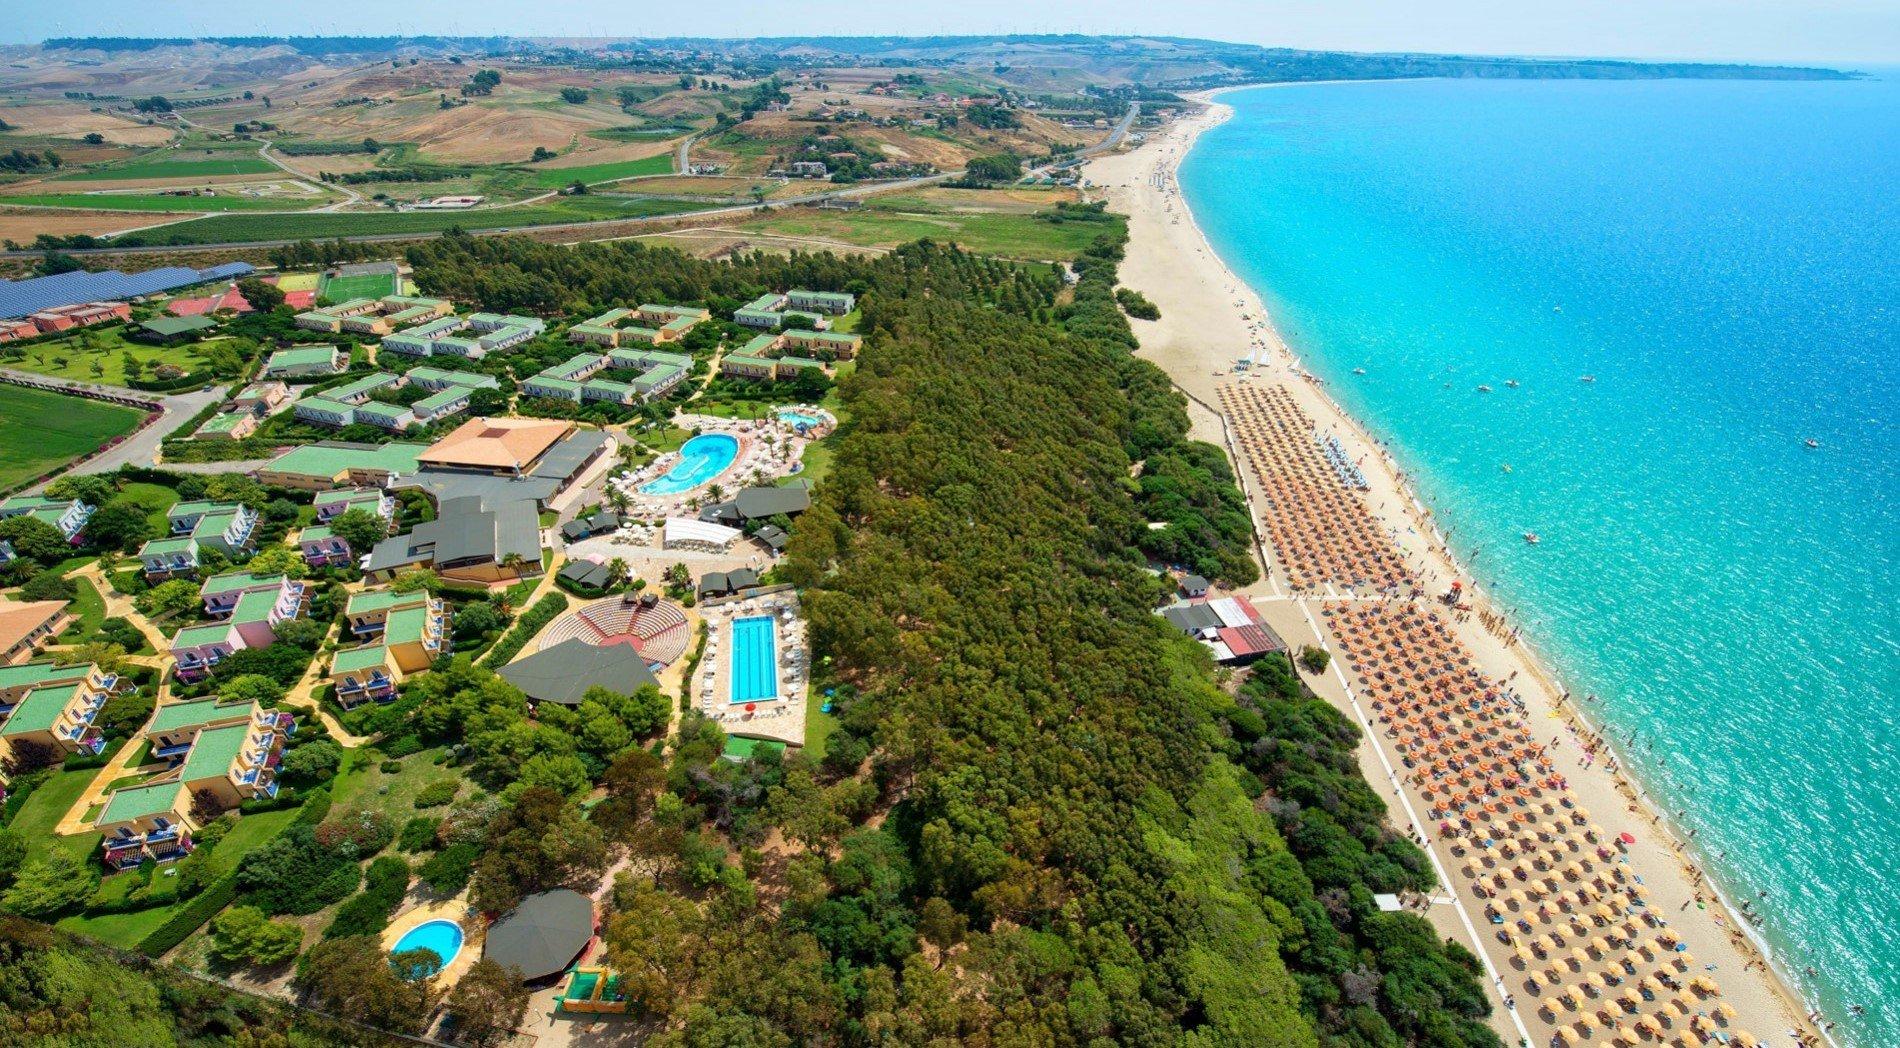 Villaggio per disabili in calabria hotel per disabili in for Piscina olimpionica crotone